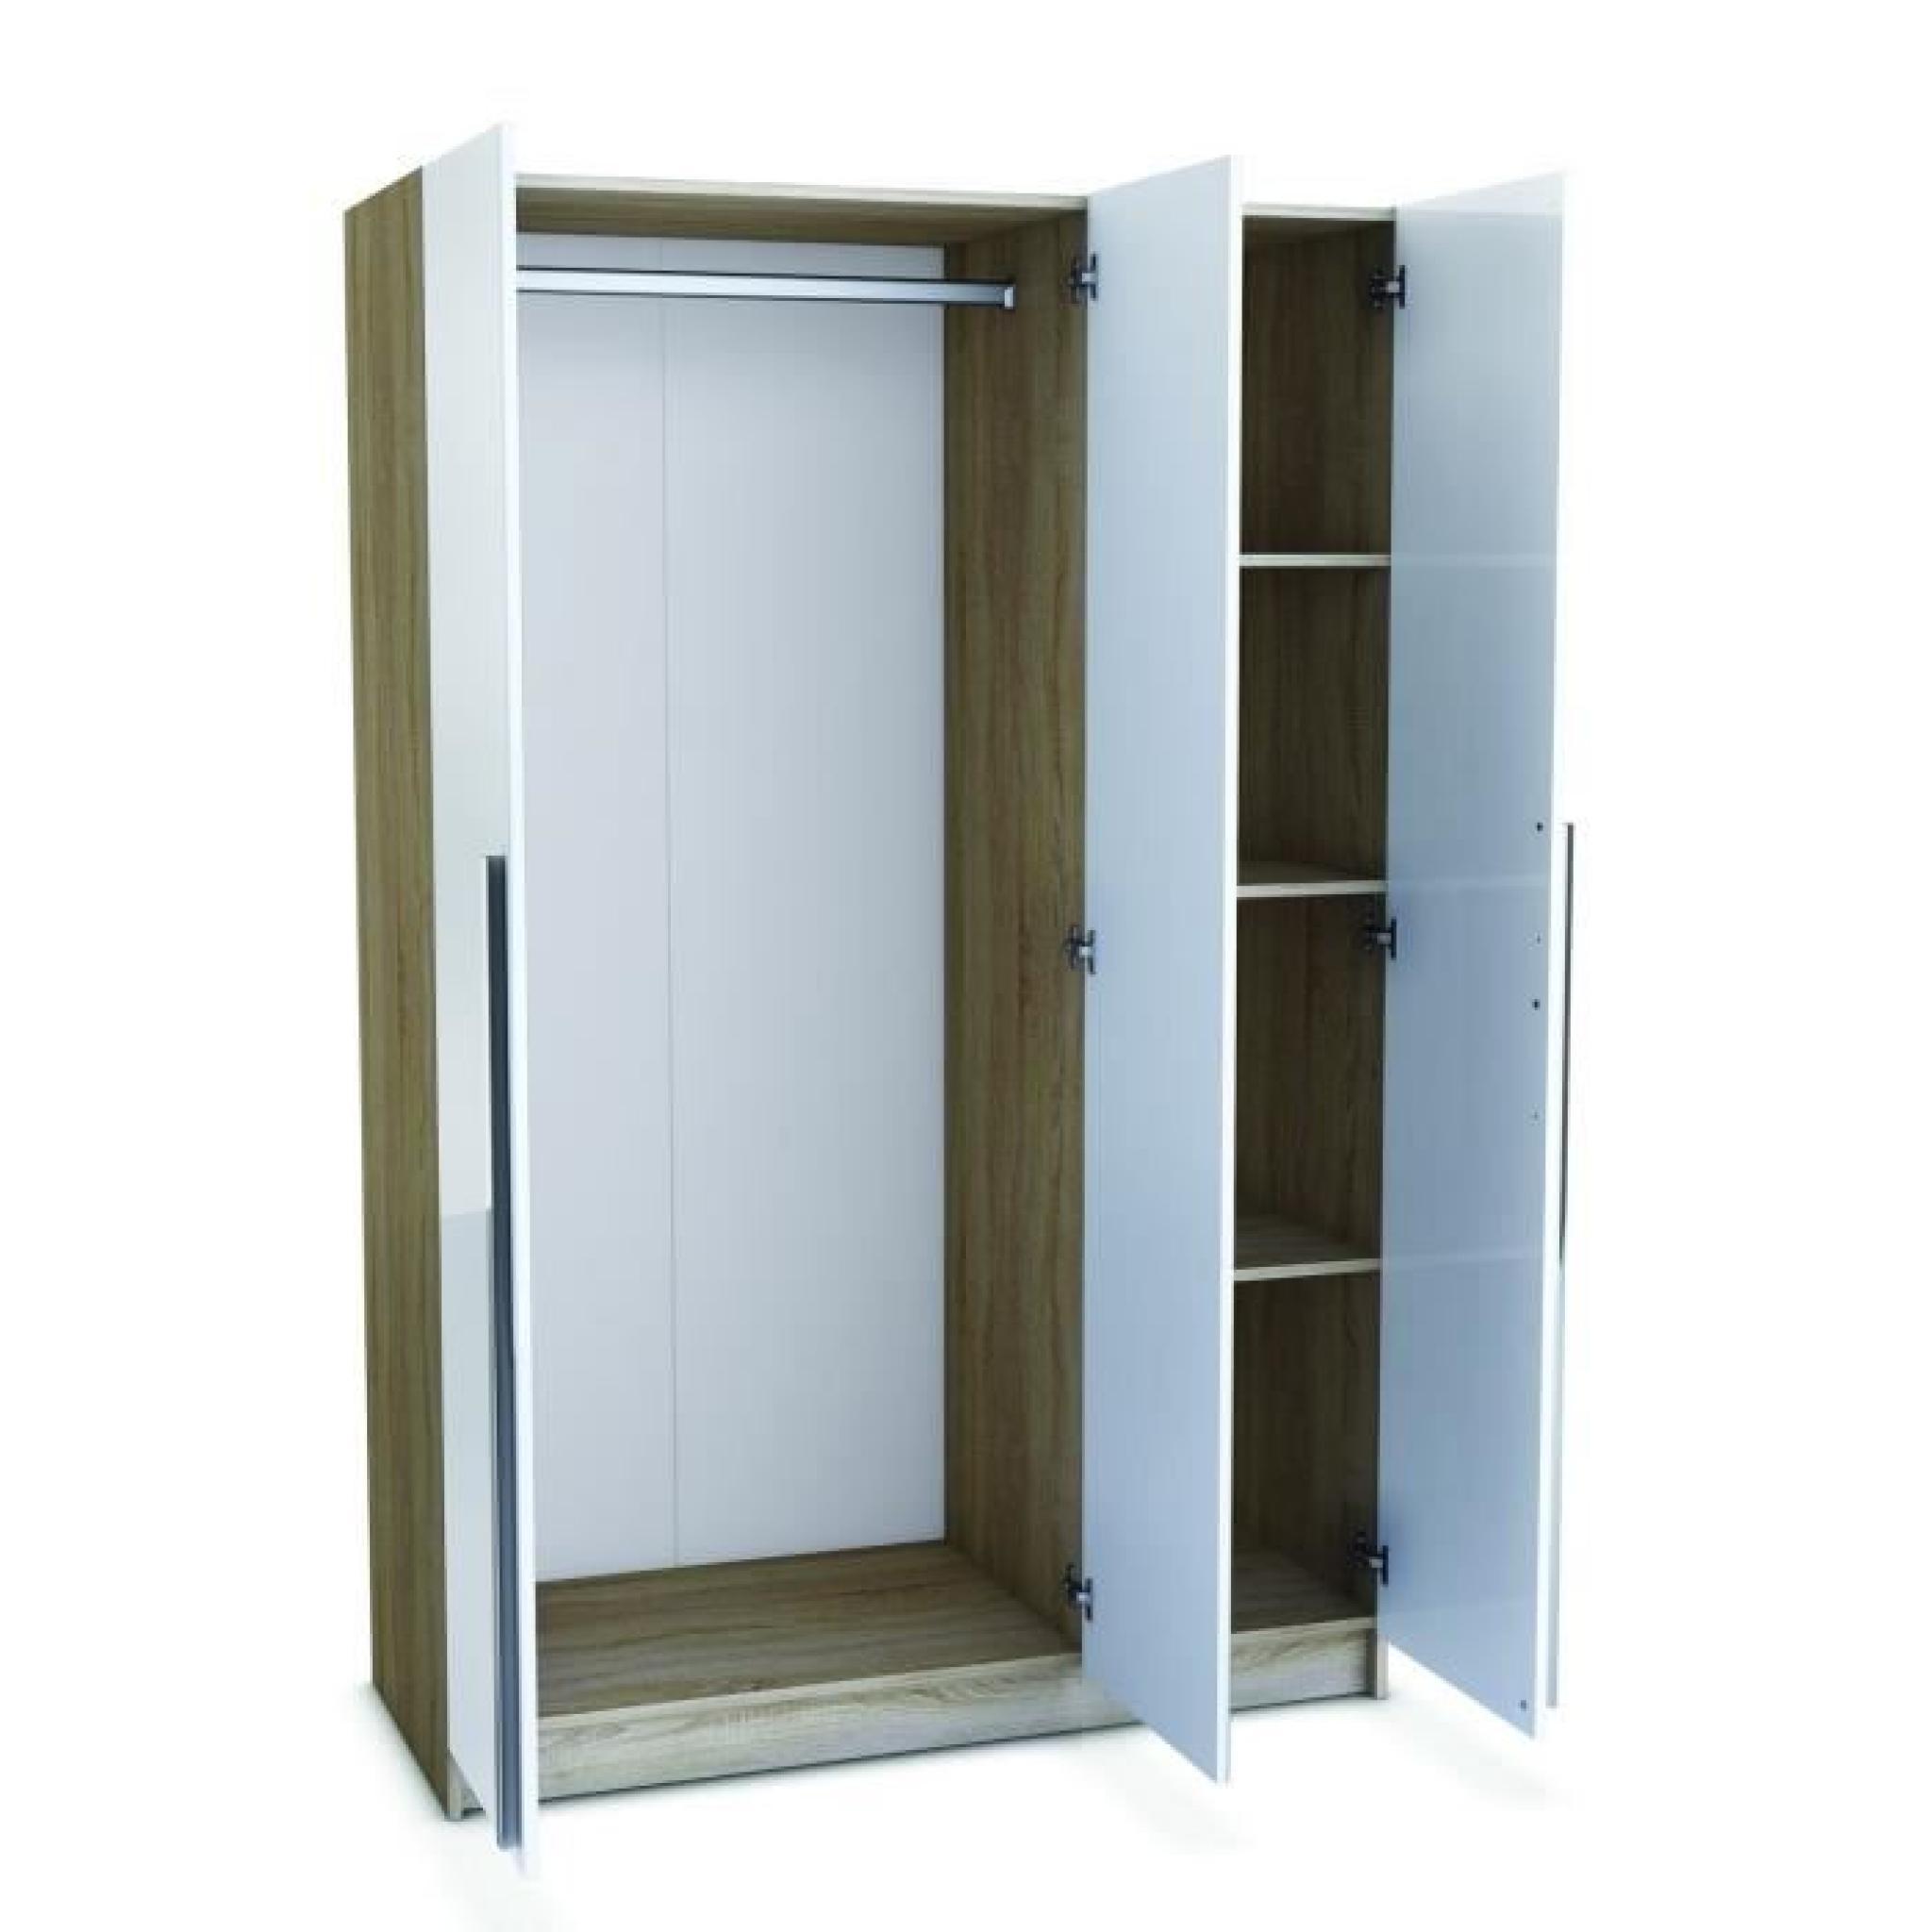 VEGAS Armoire 3 portes 1 miroir 120cm chêne/blanc - Achat ...